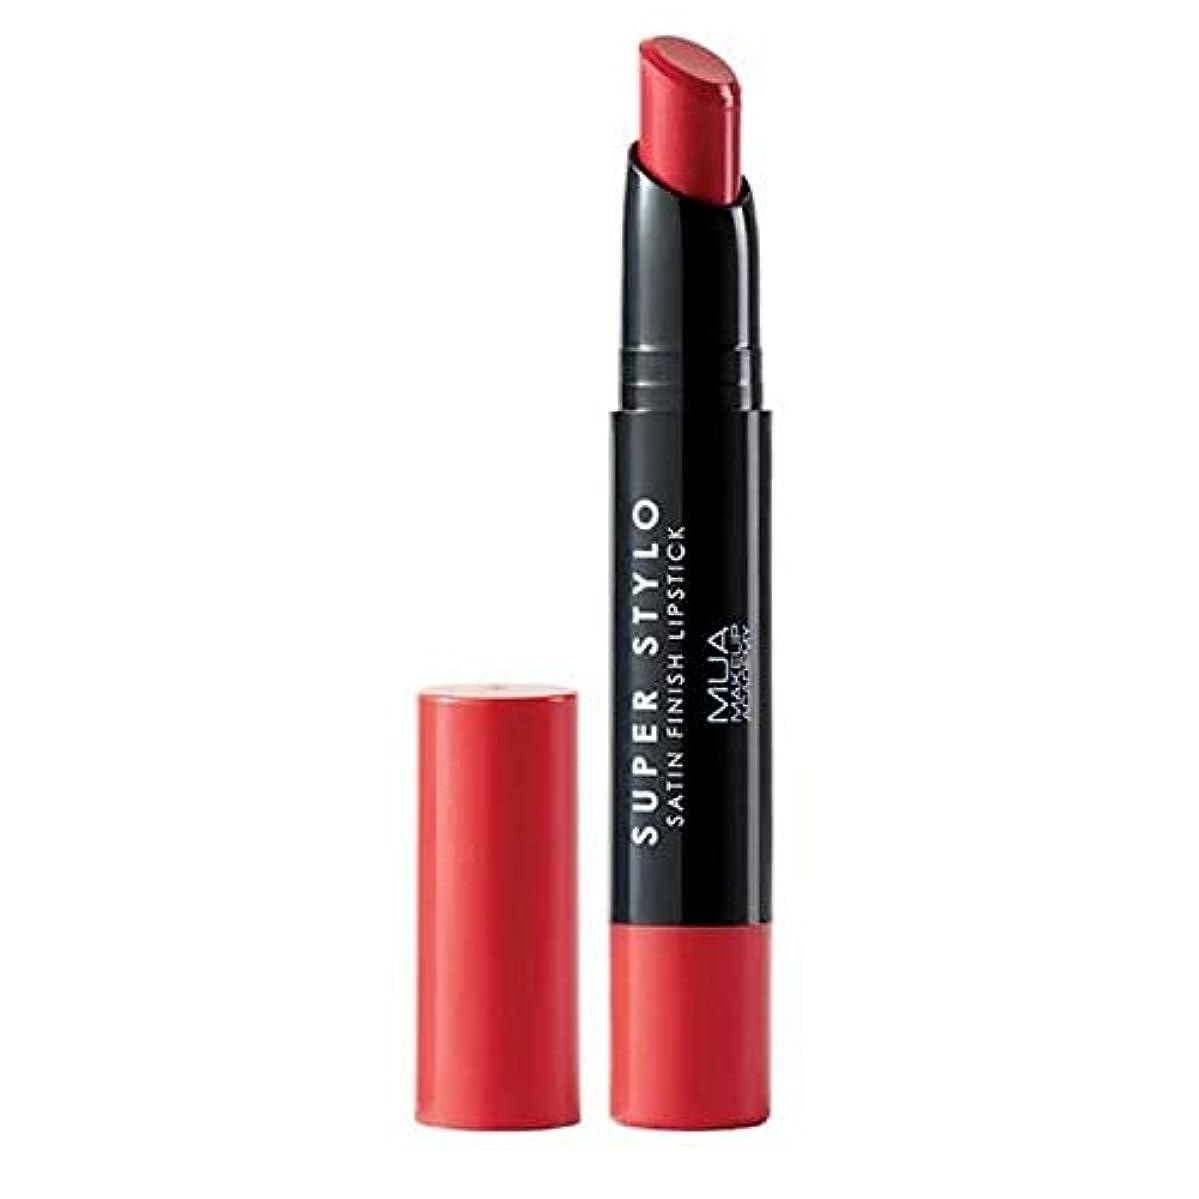 美人貴重な櫛[MUA] MuaスーパーStylo口紅は004 Vip - MUA Super Stylo Lipstick Vip 004 [並行輸入品]